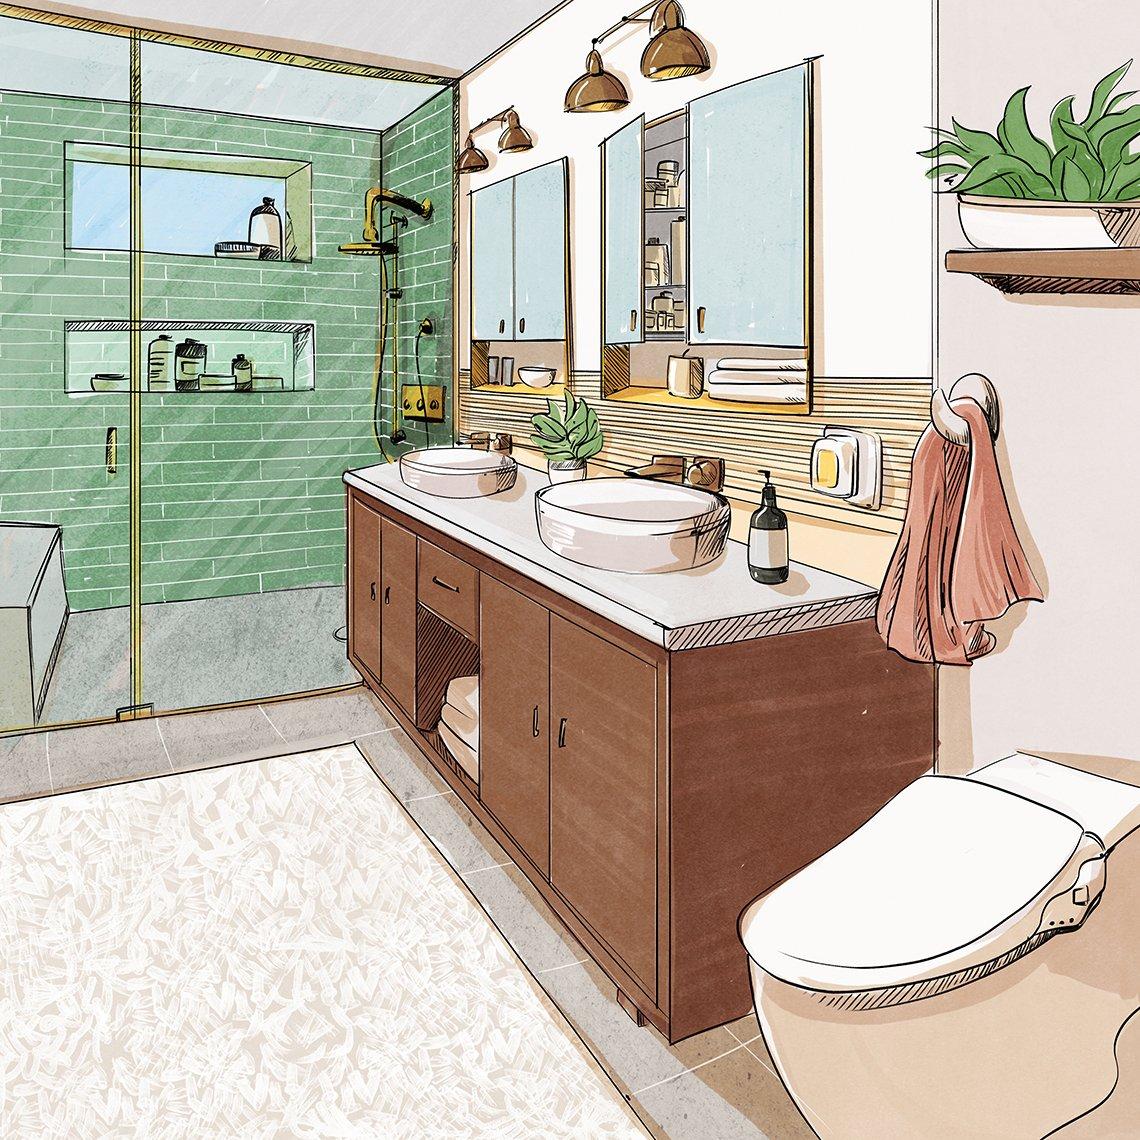 Boceto de diseño de un baño terminado